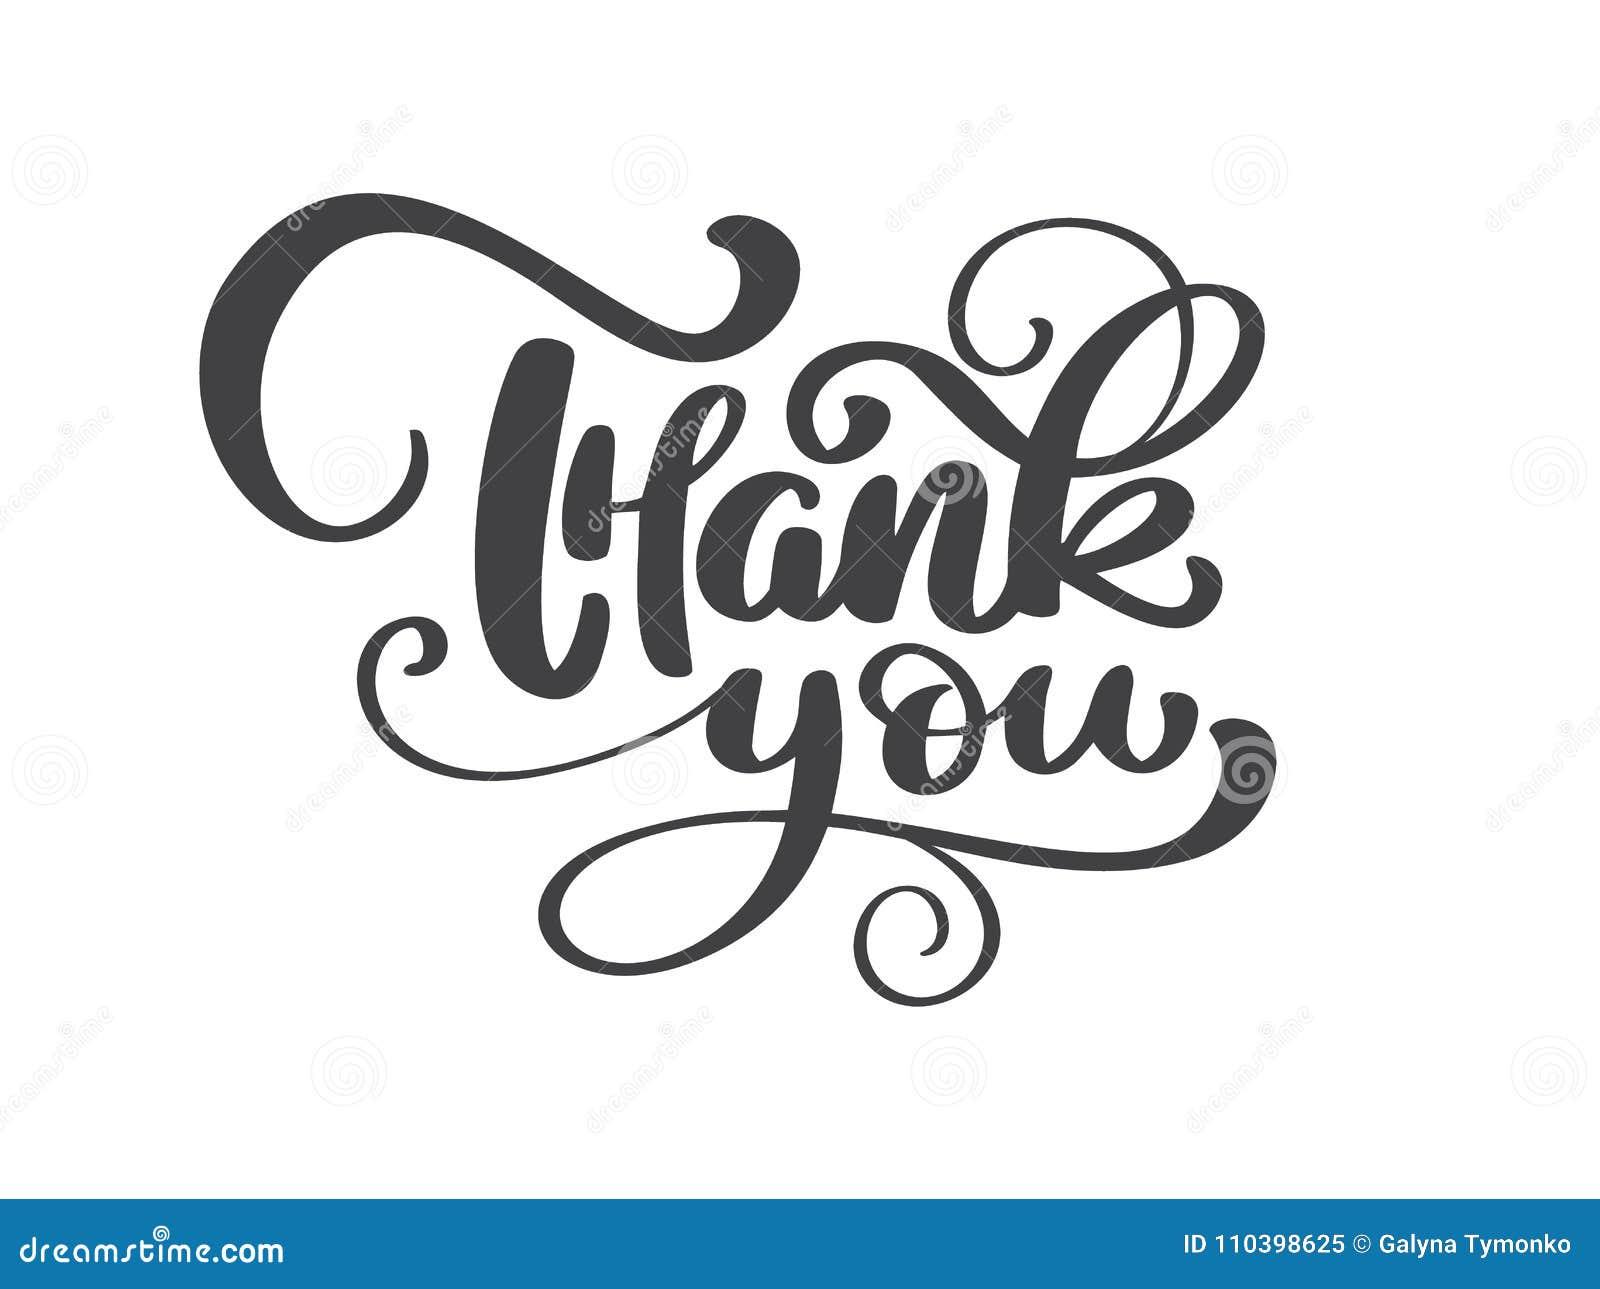 Danke handgeschriebene Aufschrift Hand gezeichnete Beschriftung Dankt Kalligraphie Hintergrund mit Truthahn, dem Aufbau von Obst